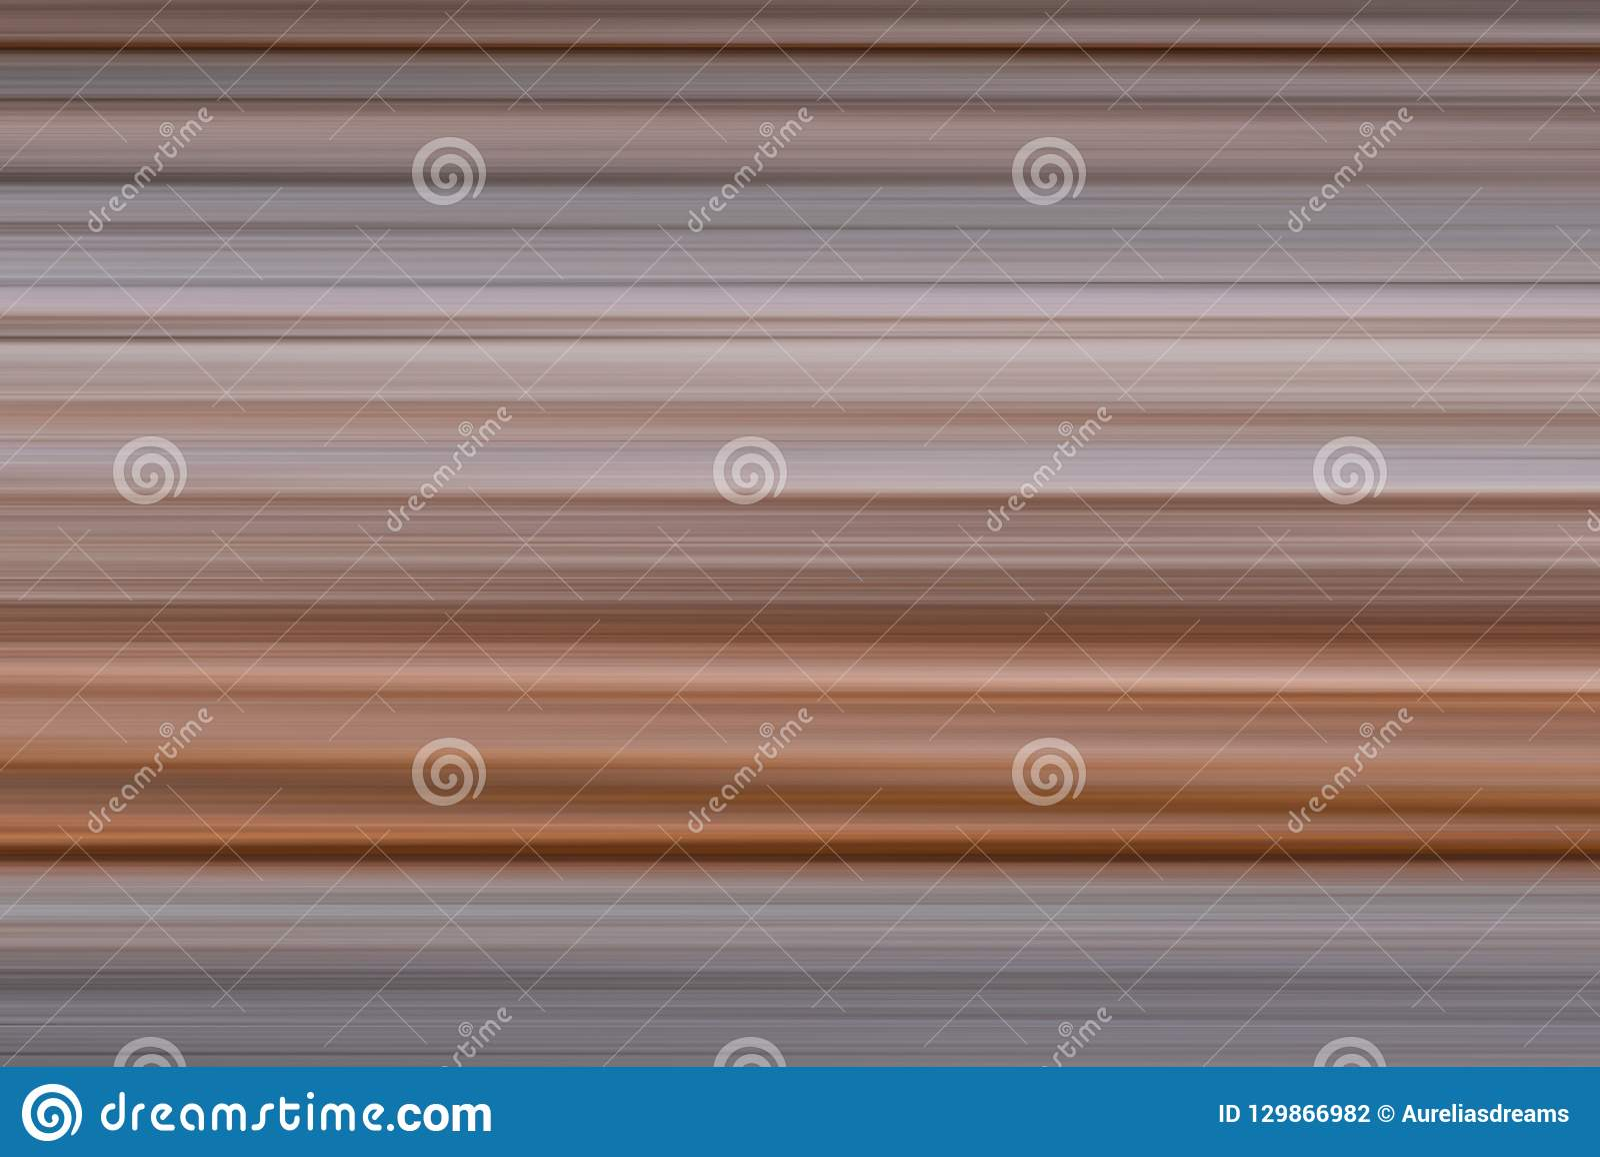 Lineas horizontales brillantes fondo, textura del extracto olorful del ¡de Ð en tonos grises y marrones